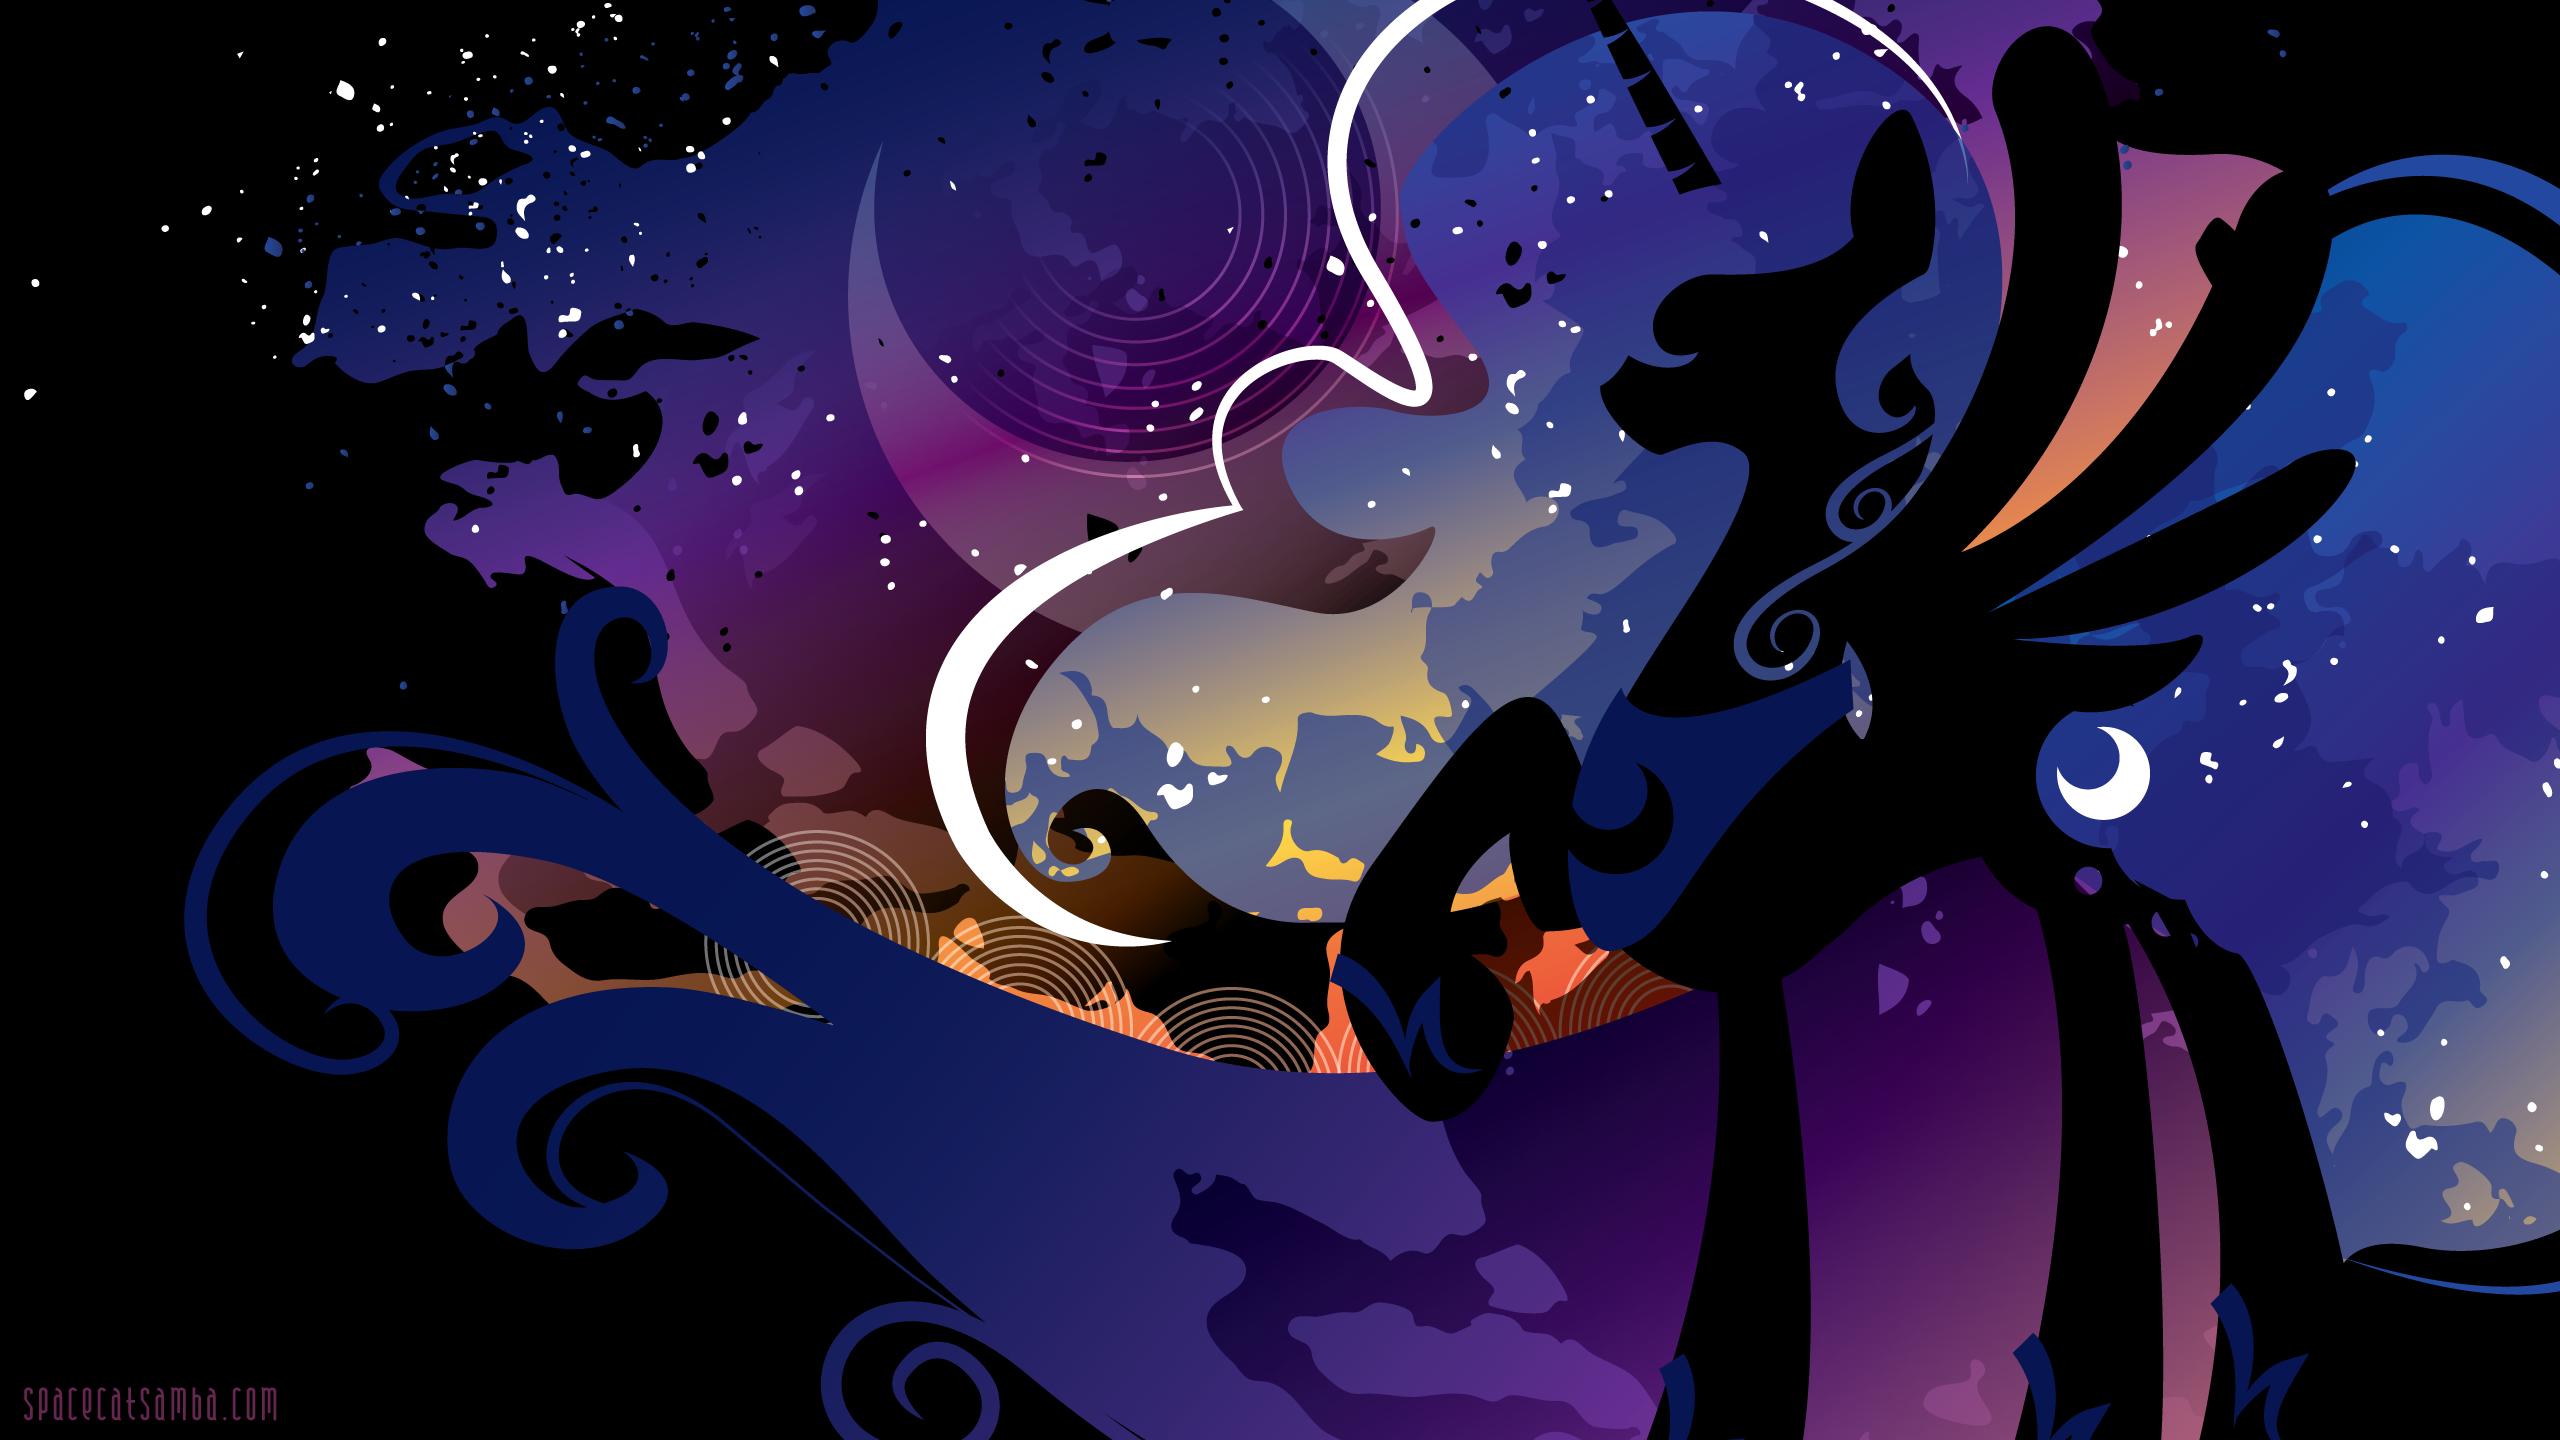 2 Tekken 4 HD Wallpapers | Backgrounds - Wallpaper Abyss